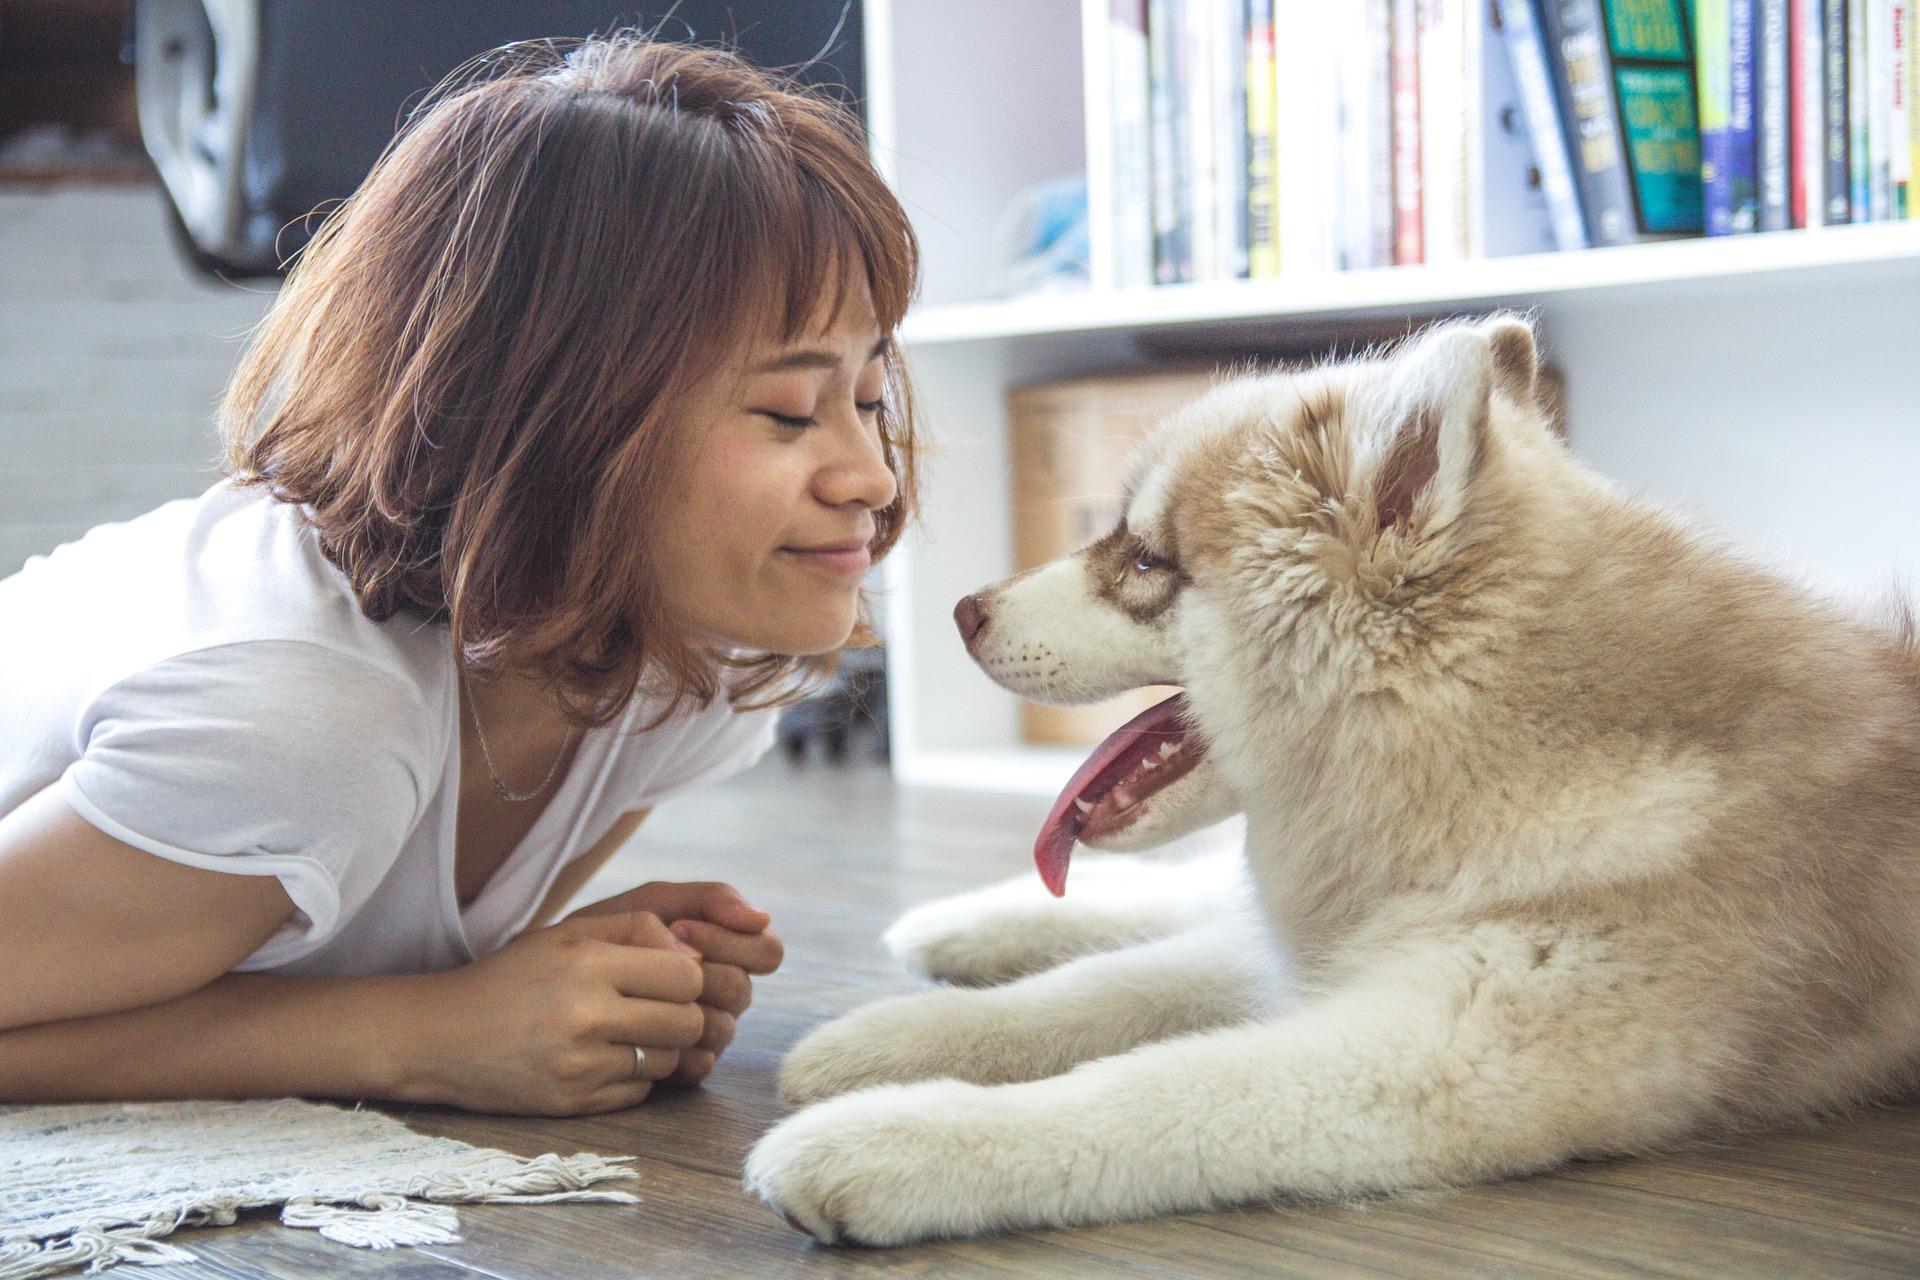 Zabawa z psem w domu nie musi być nudna. Zaproponuj swojemu psu zabawy intelektualne i fizyczne w domowym zaciszu.